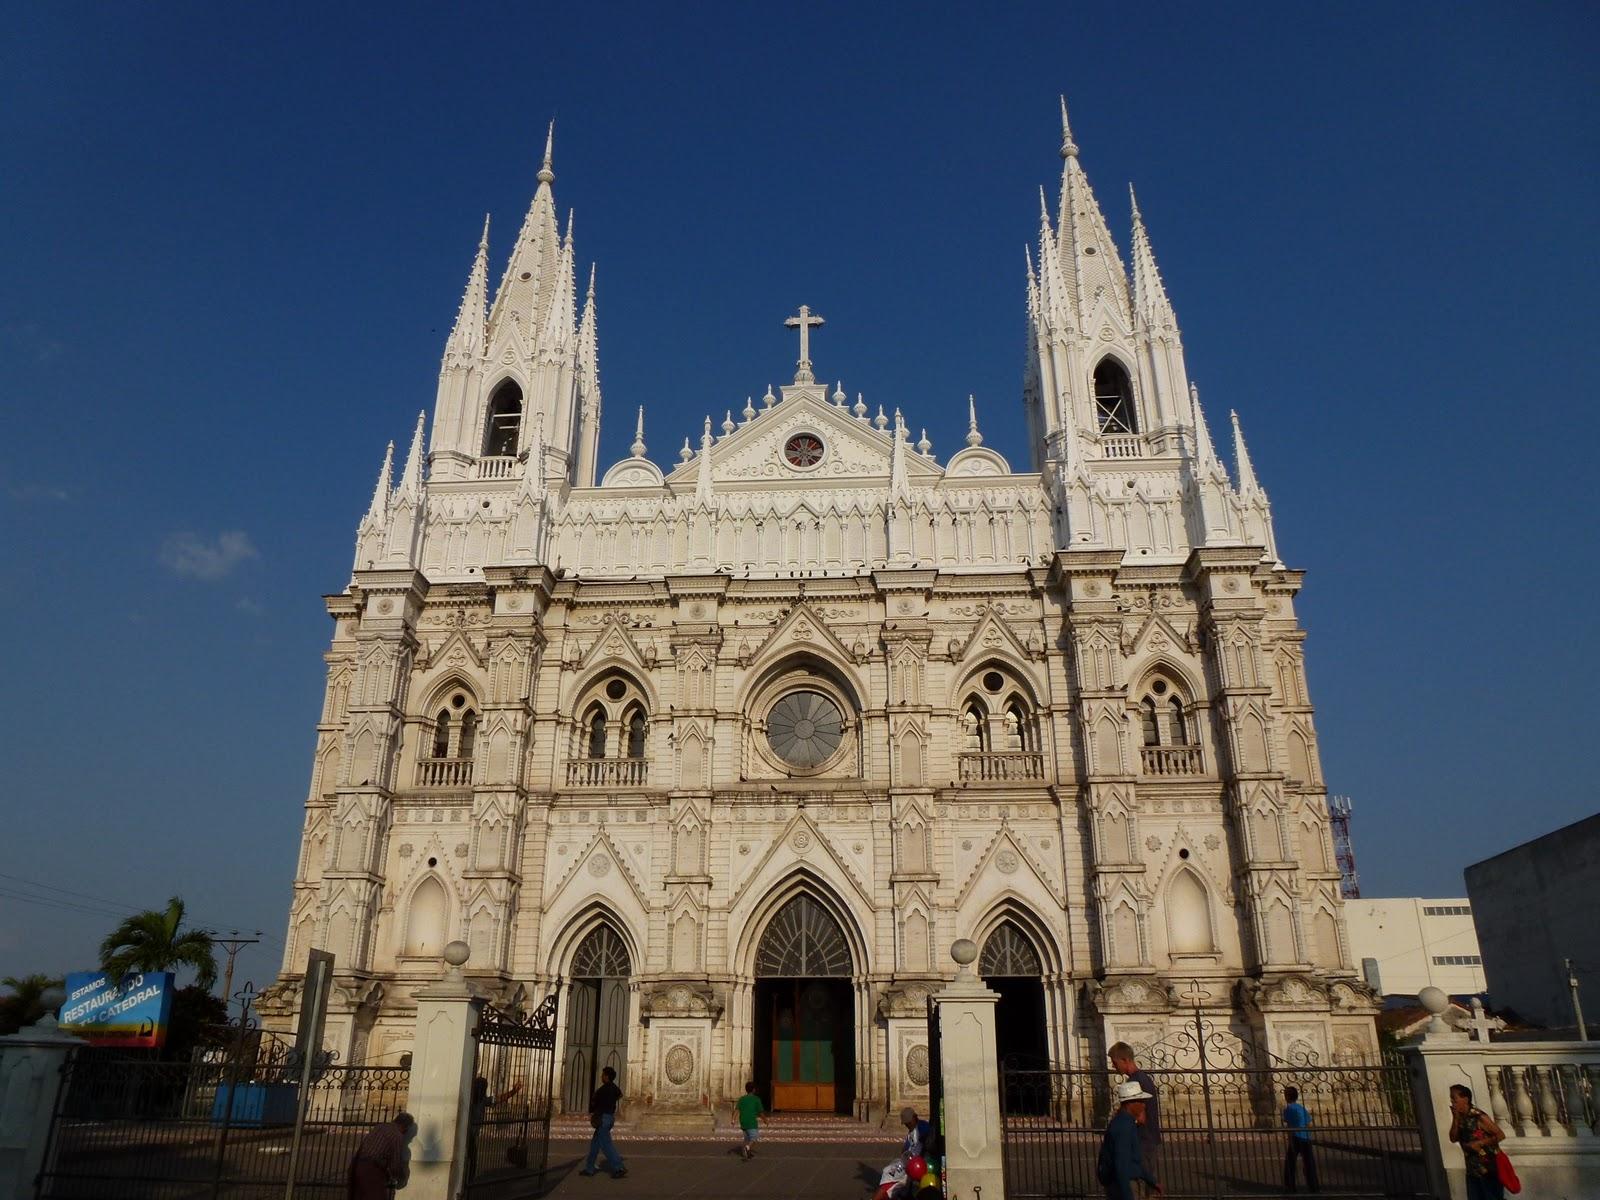 El Salvador Cathedral